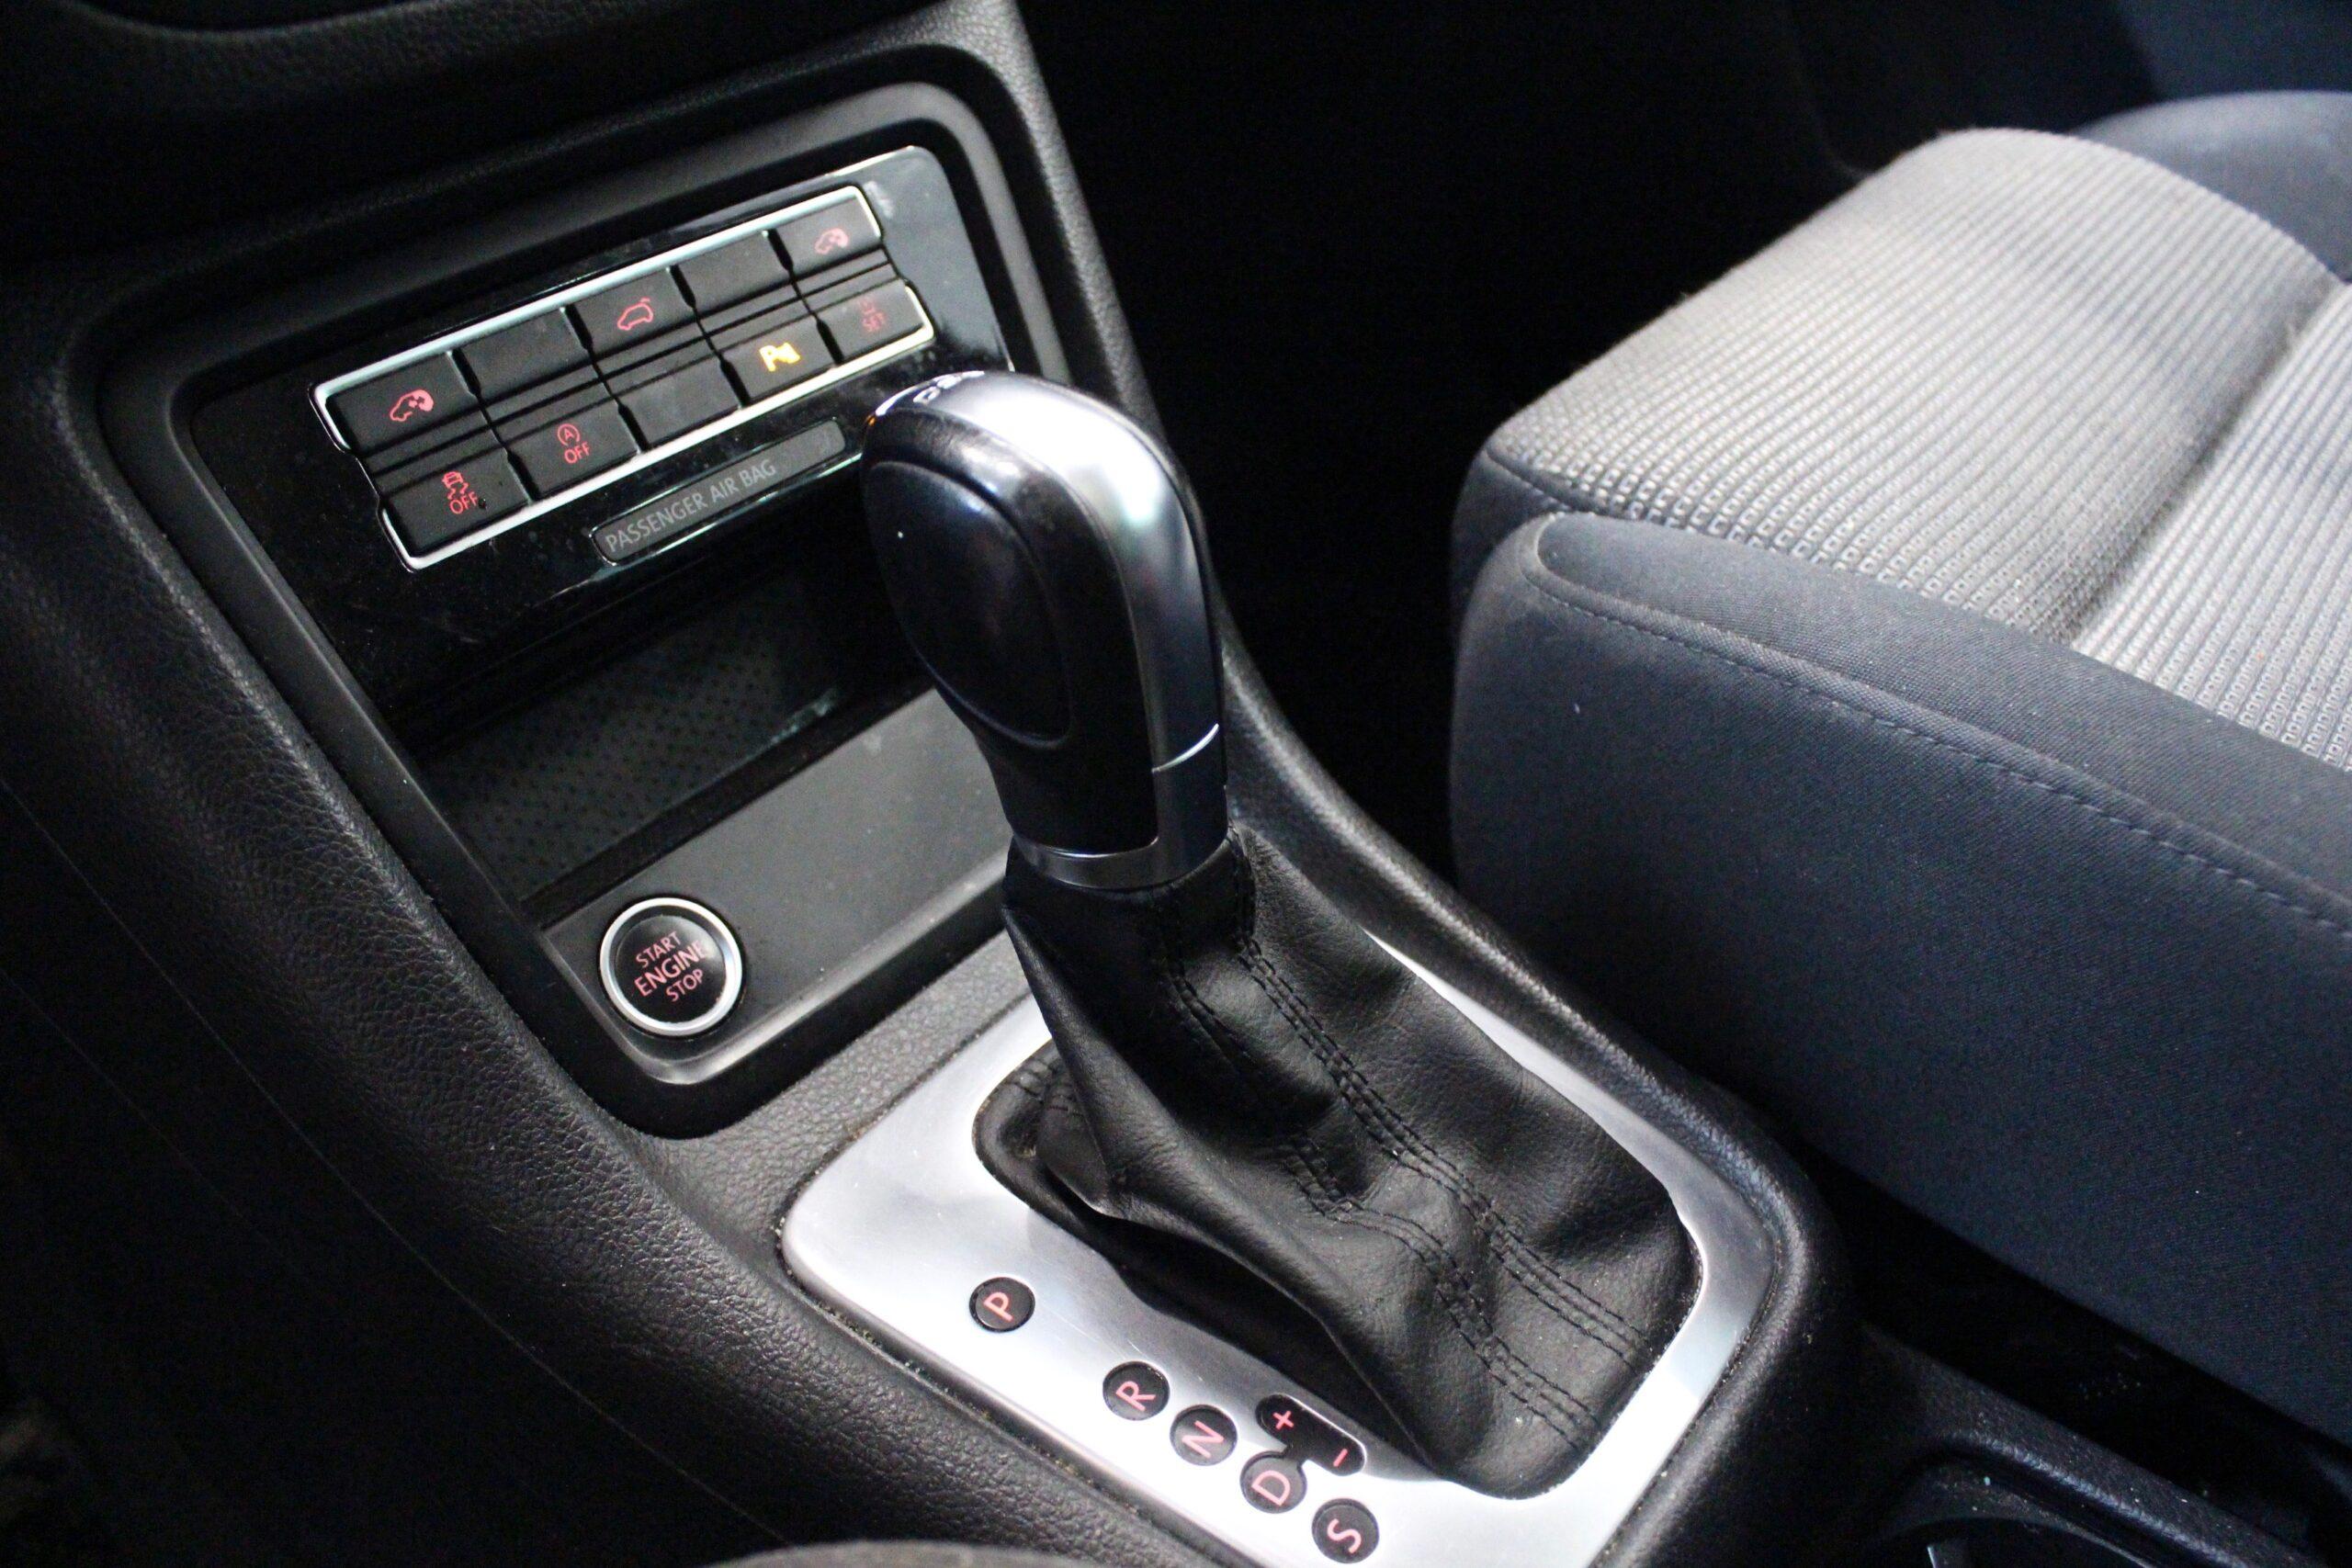 Volkswagen Sharan 2.0 TDI DSG Sekventiell Premium 7-sits